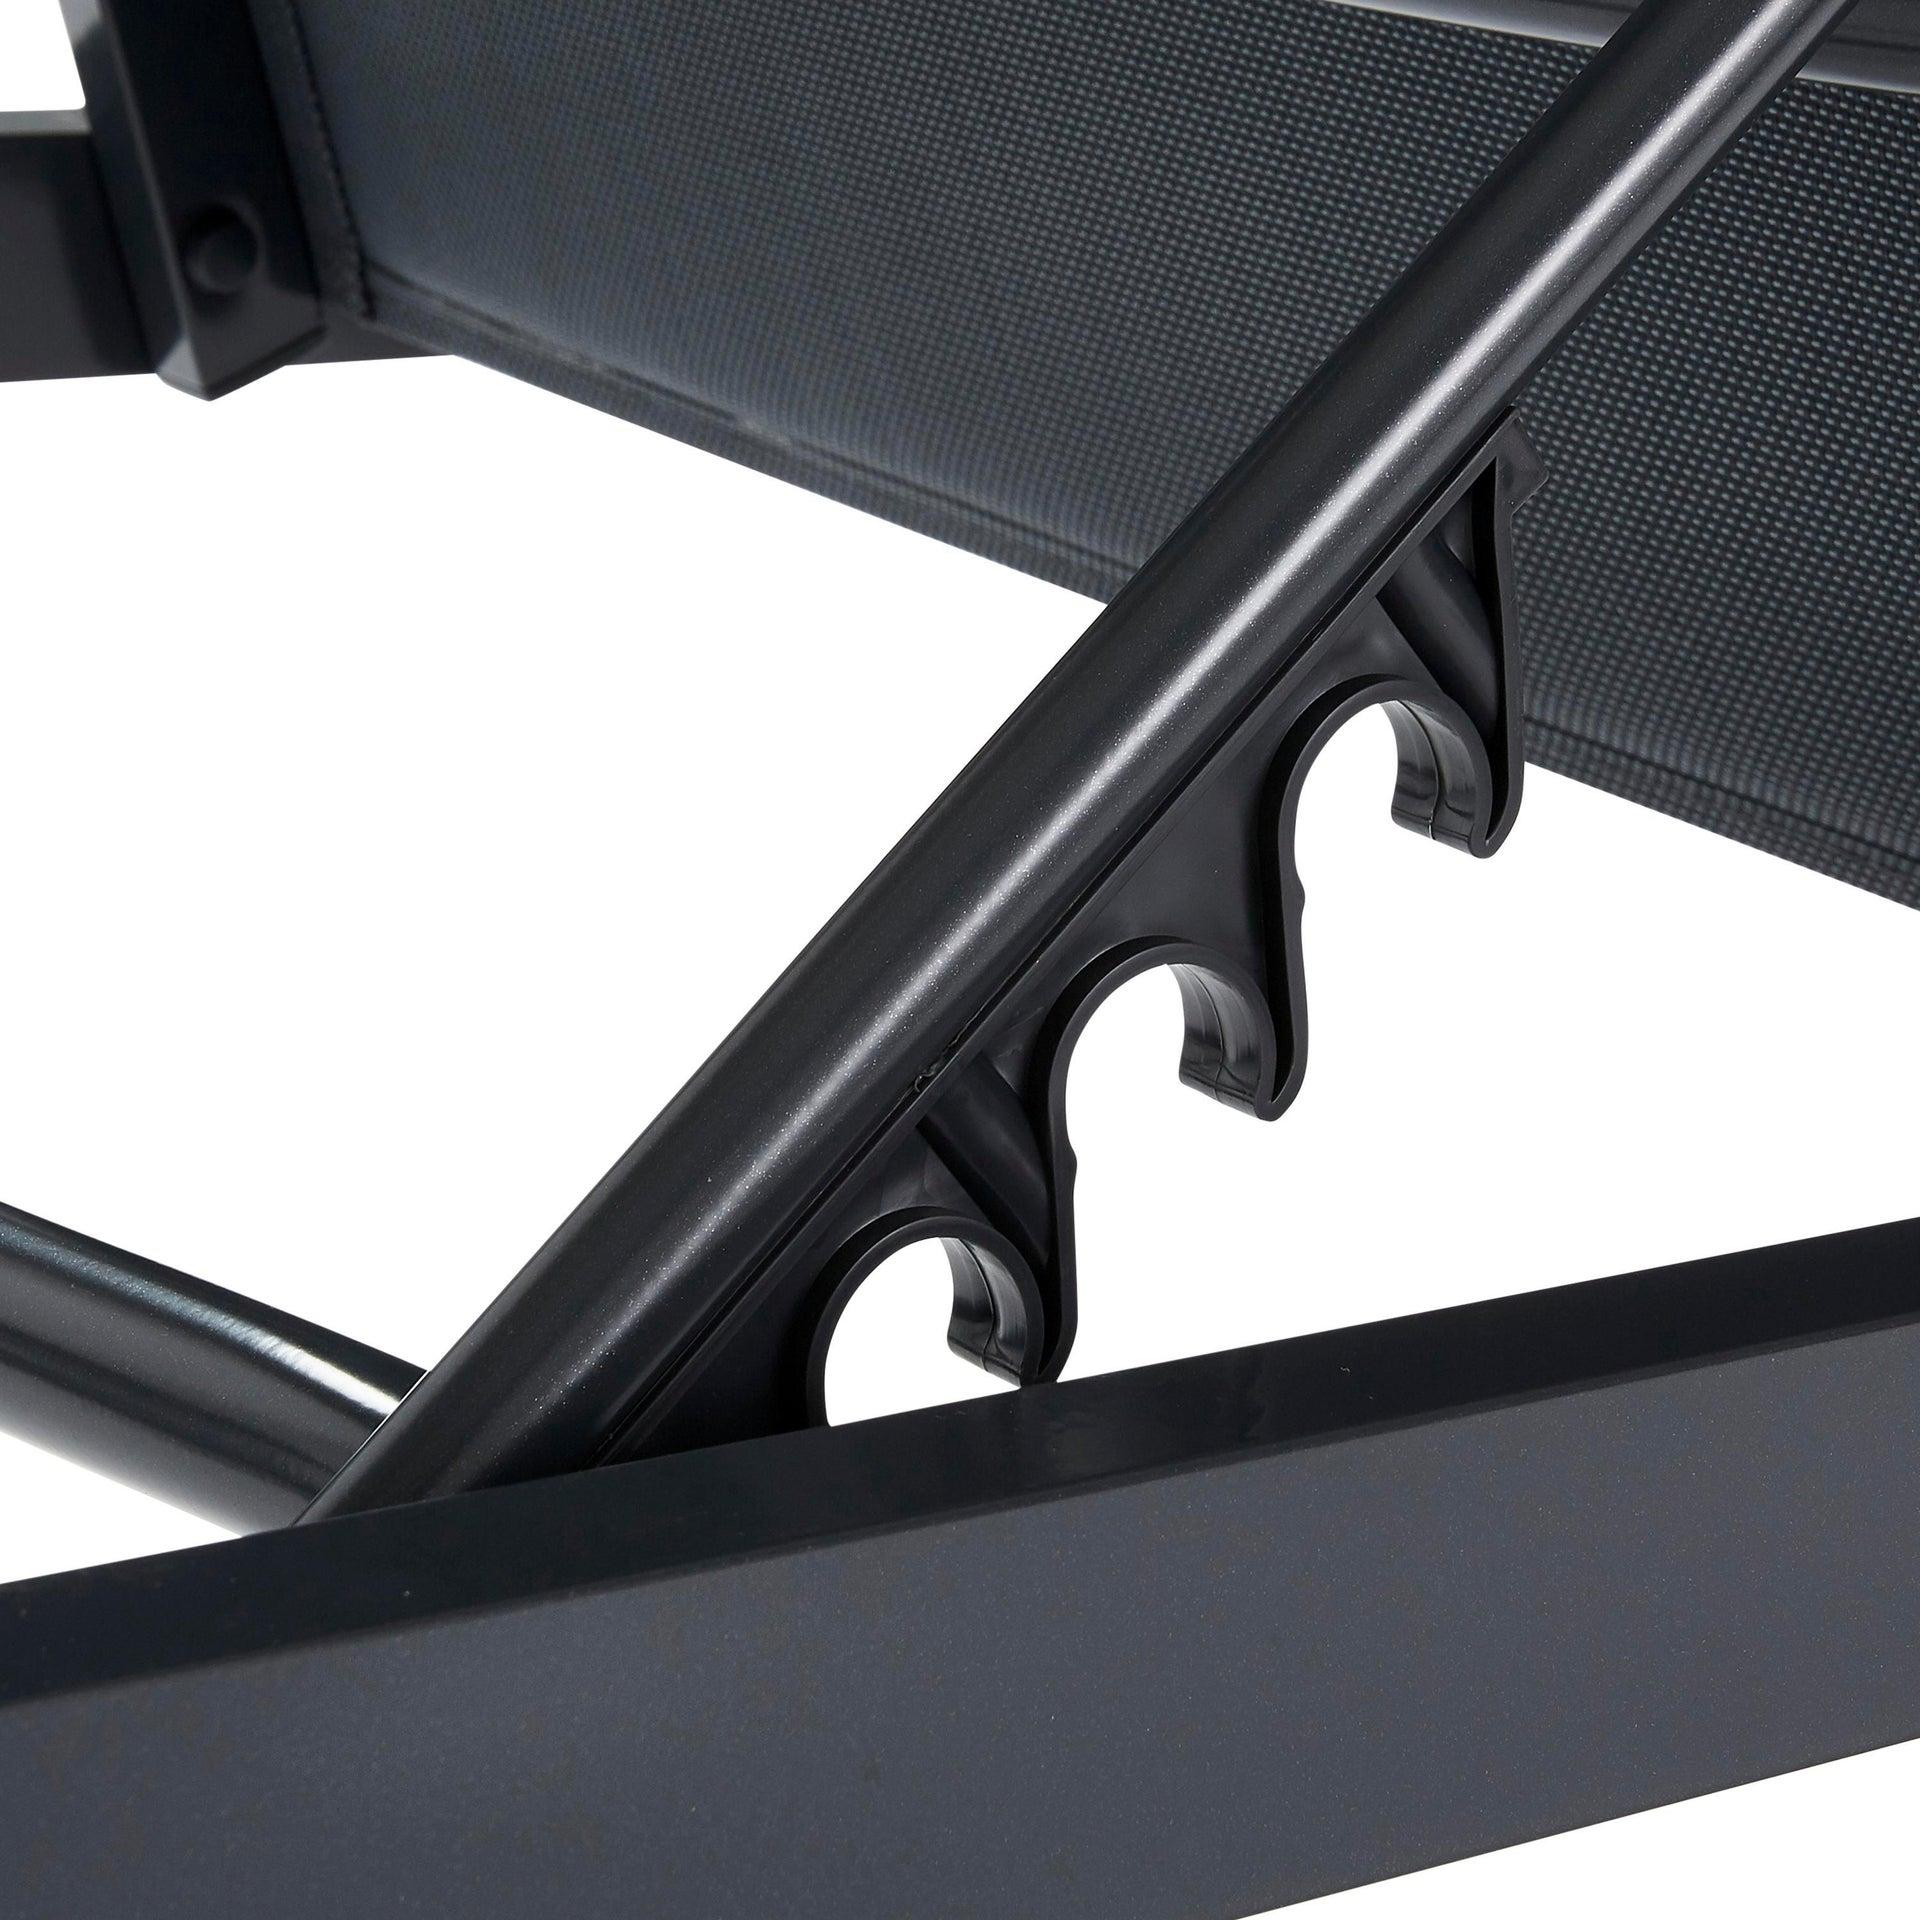 Lettino senza cuscino impilabile NATERIAL Aquila in alluminio grigio scuro - 17